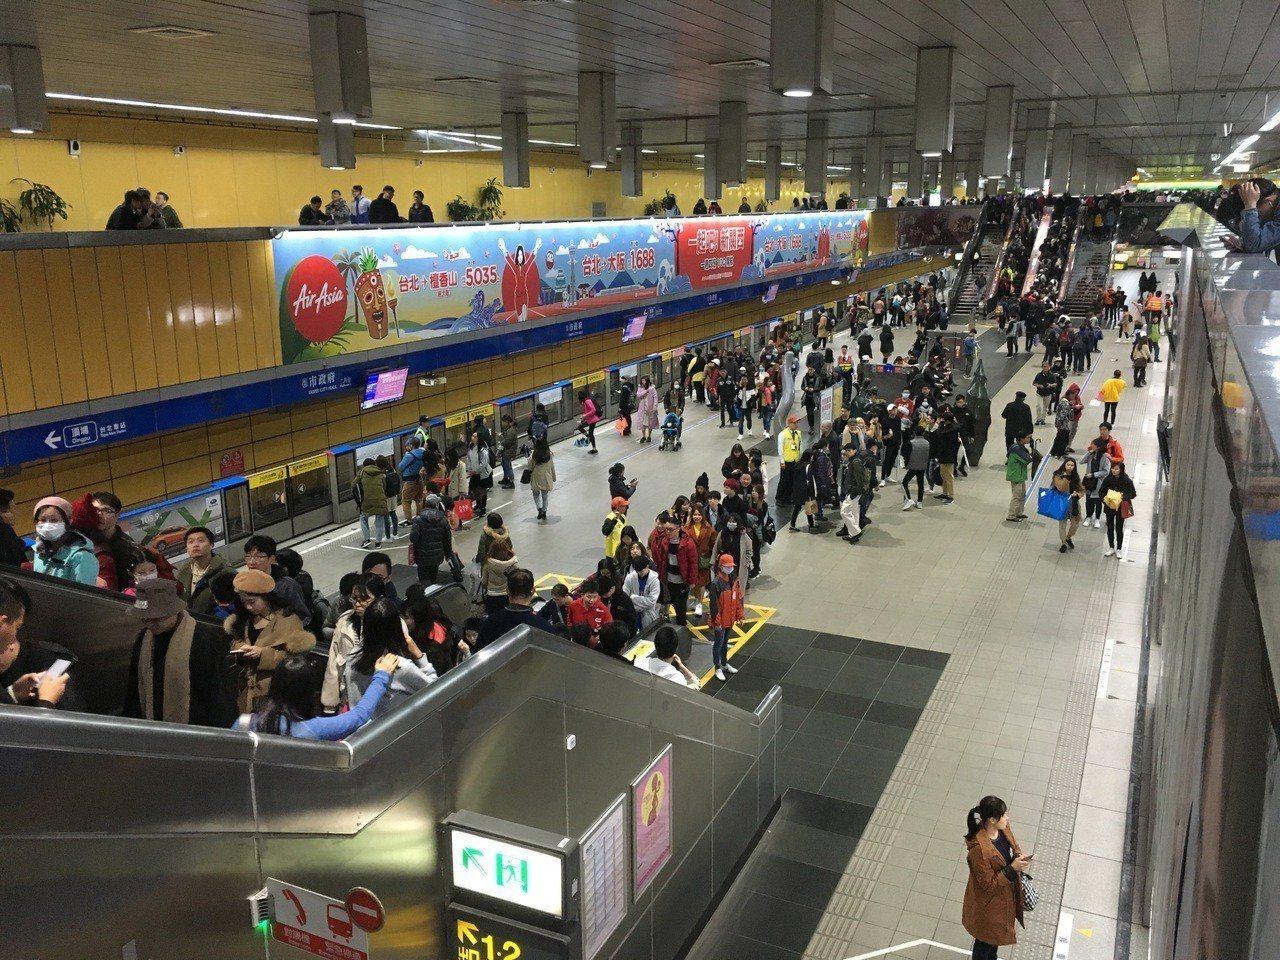 台北市跨年晚會登場,北市府廣場從下午陸續湧入人潮,不過似乎受到4天連假、氣候濕冷...